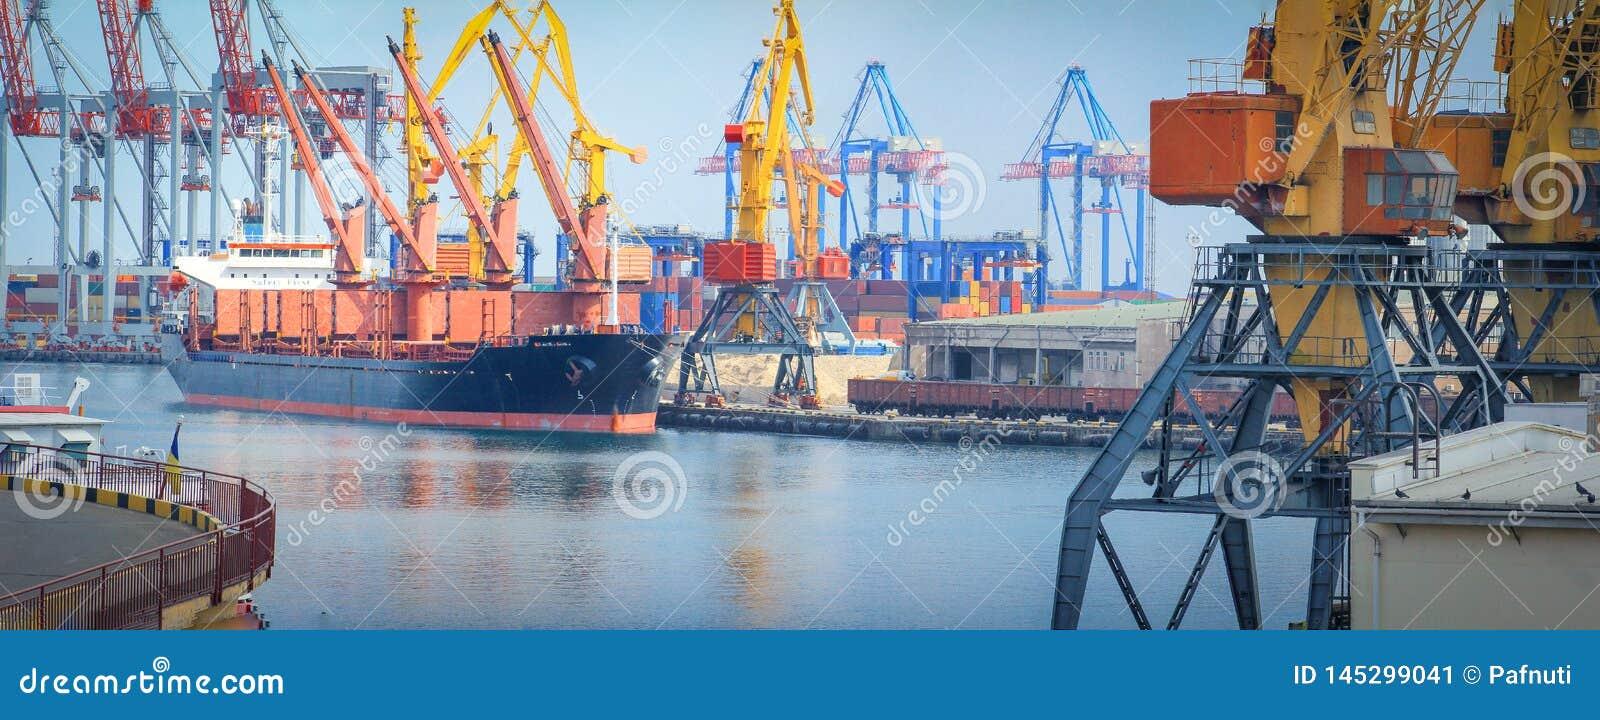 Ανυψωτικοί γερανοί φορτίου, σκάφη και στεγνωτήρας σιταριού στο θαλάσσιο λιμένα